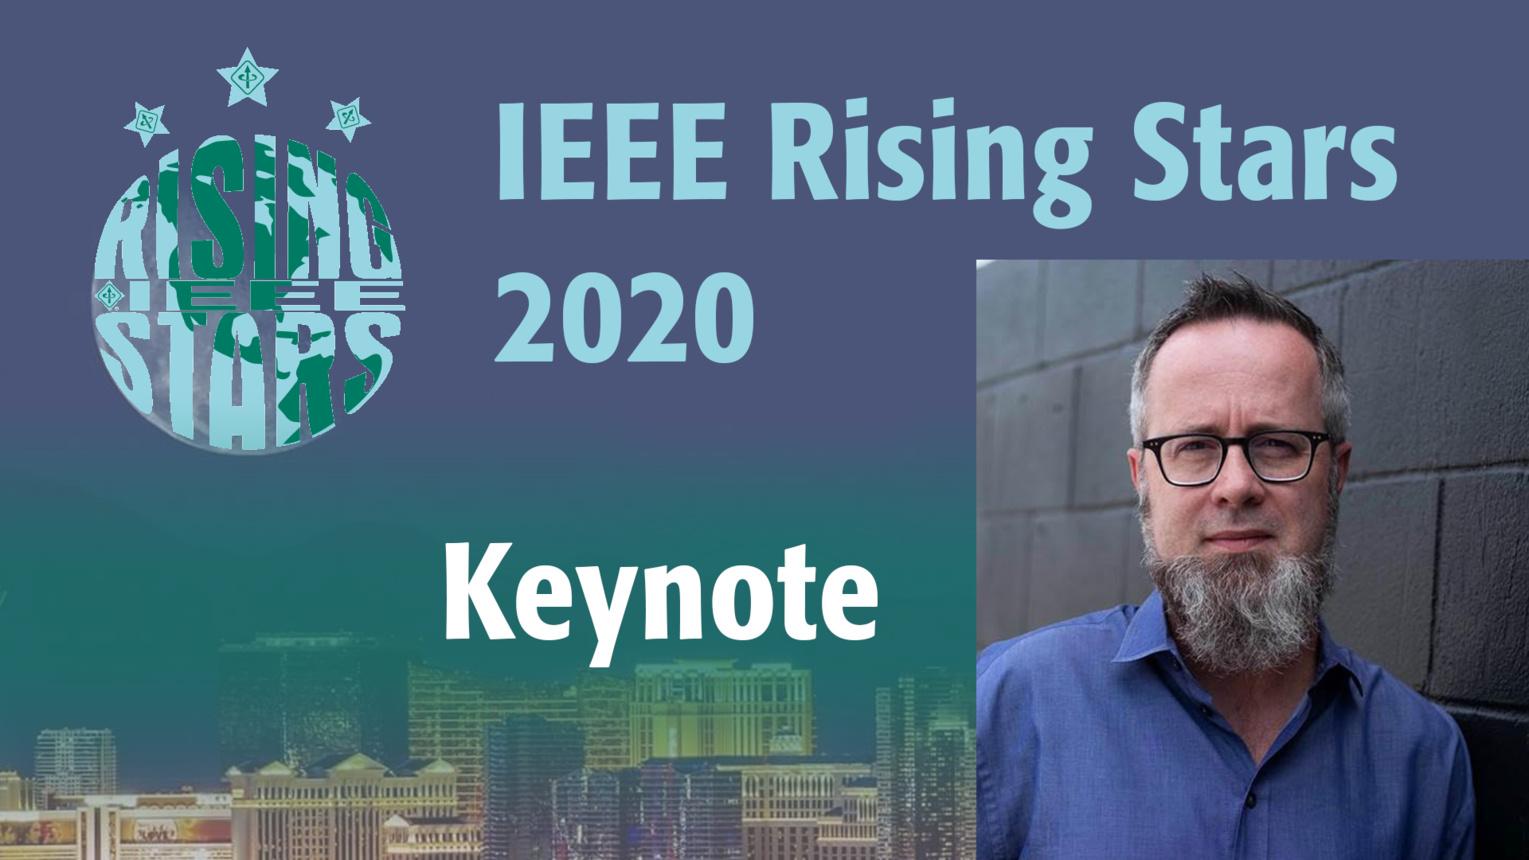 Whurley Keynote - IEEE Rising Stars 2020